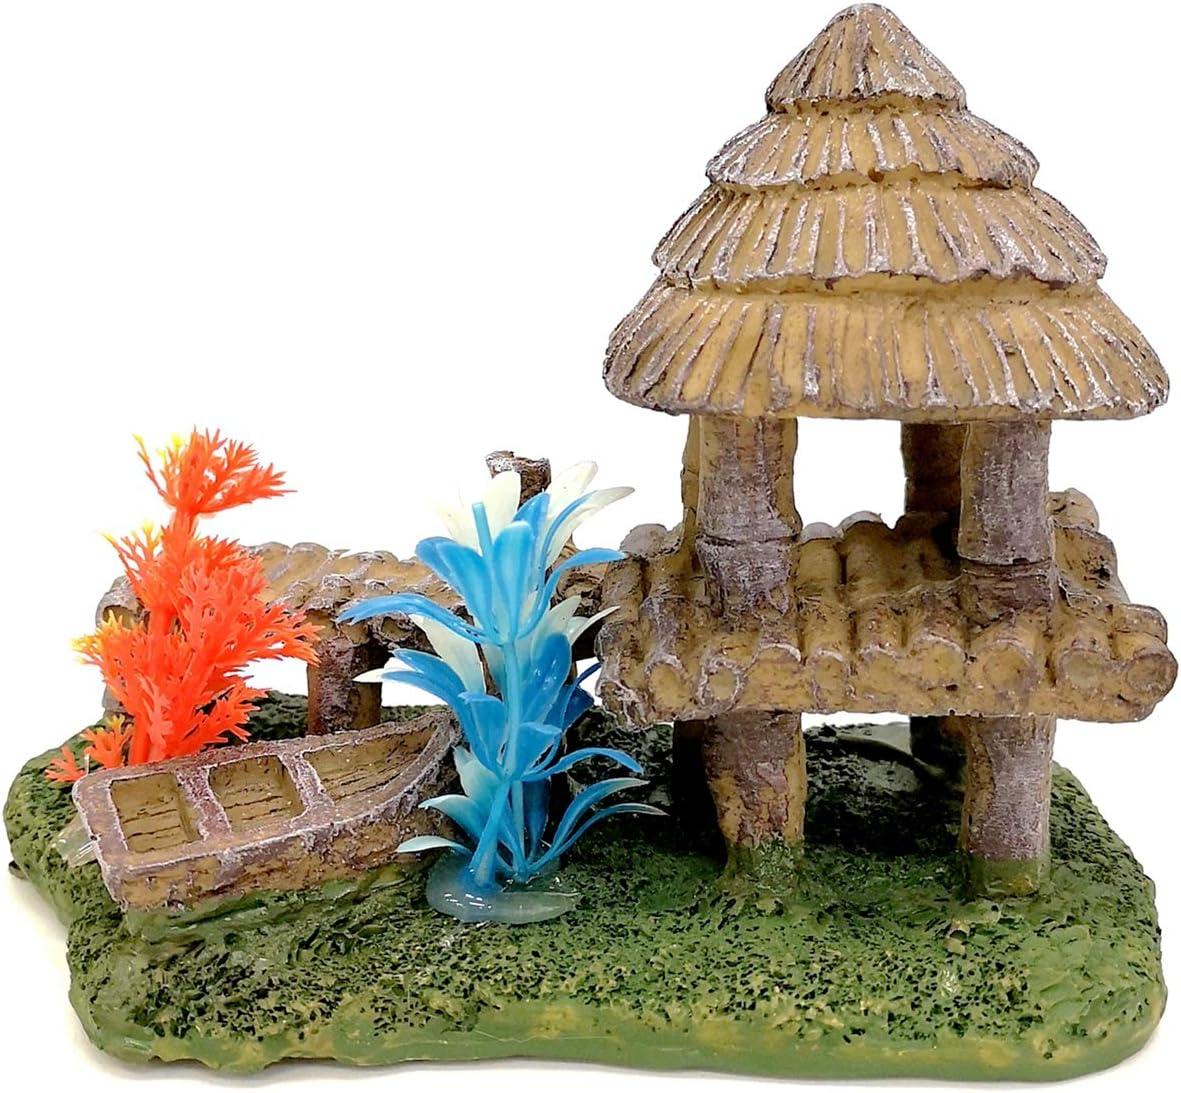 M2cbridge Aquarium Fish Tank Rock Hiding Cave Beach House Landscape Decor Ornament